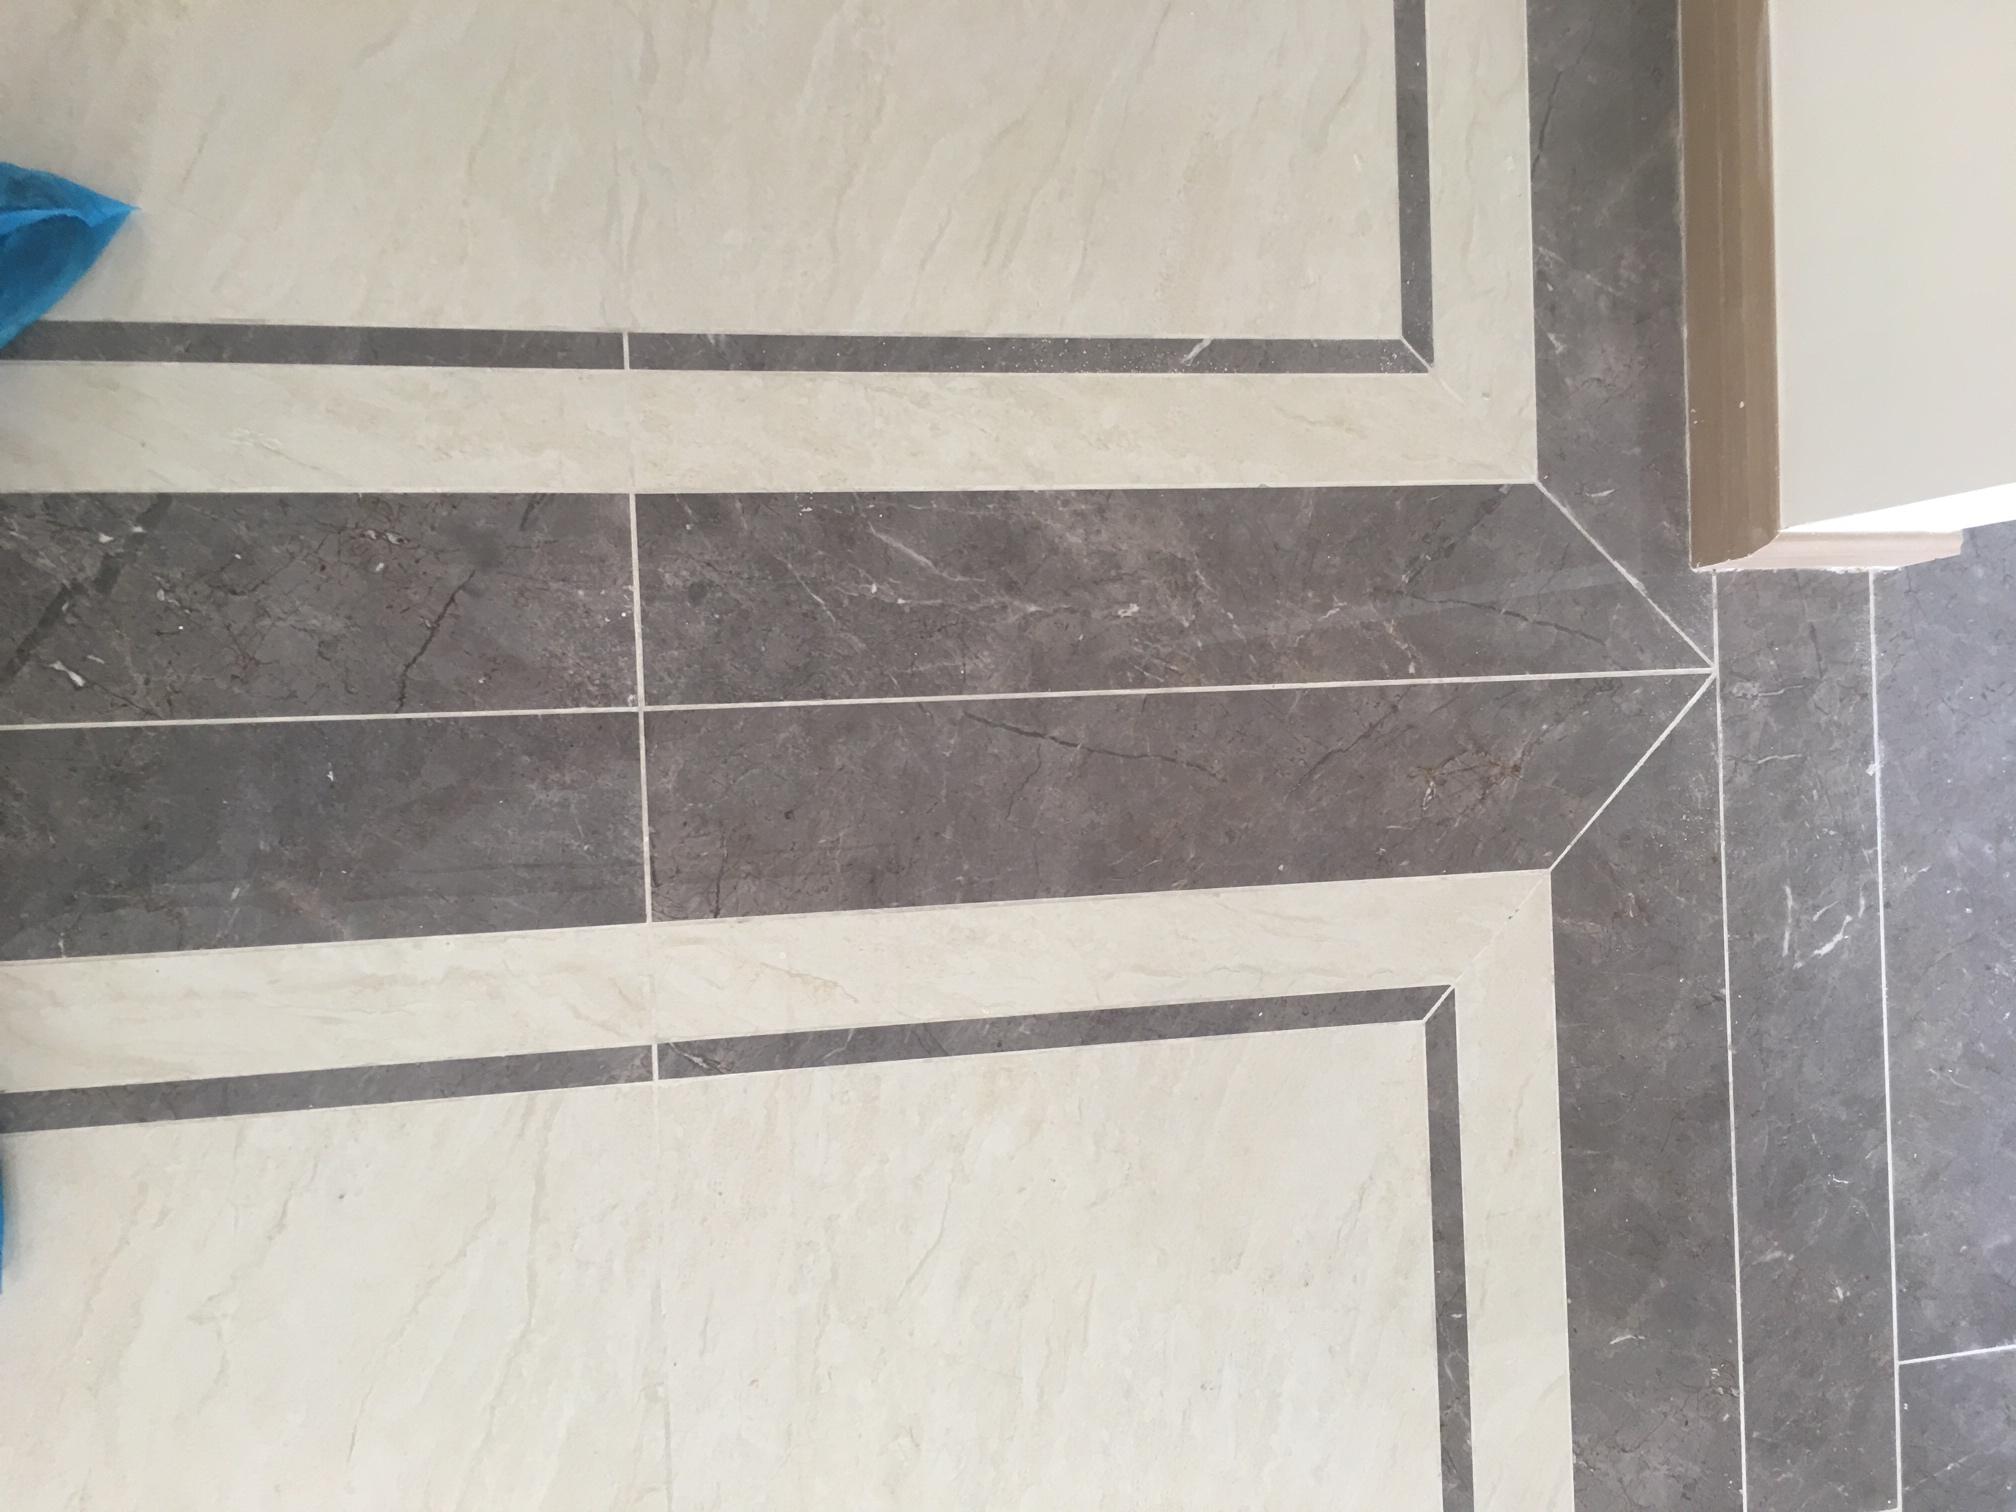 您好,问一下地砖之间缝隙标准是多大?不能超过多少?